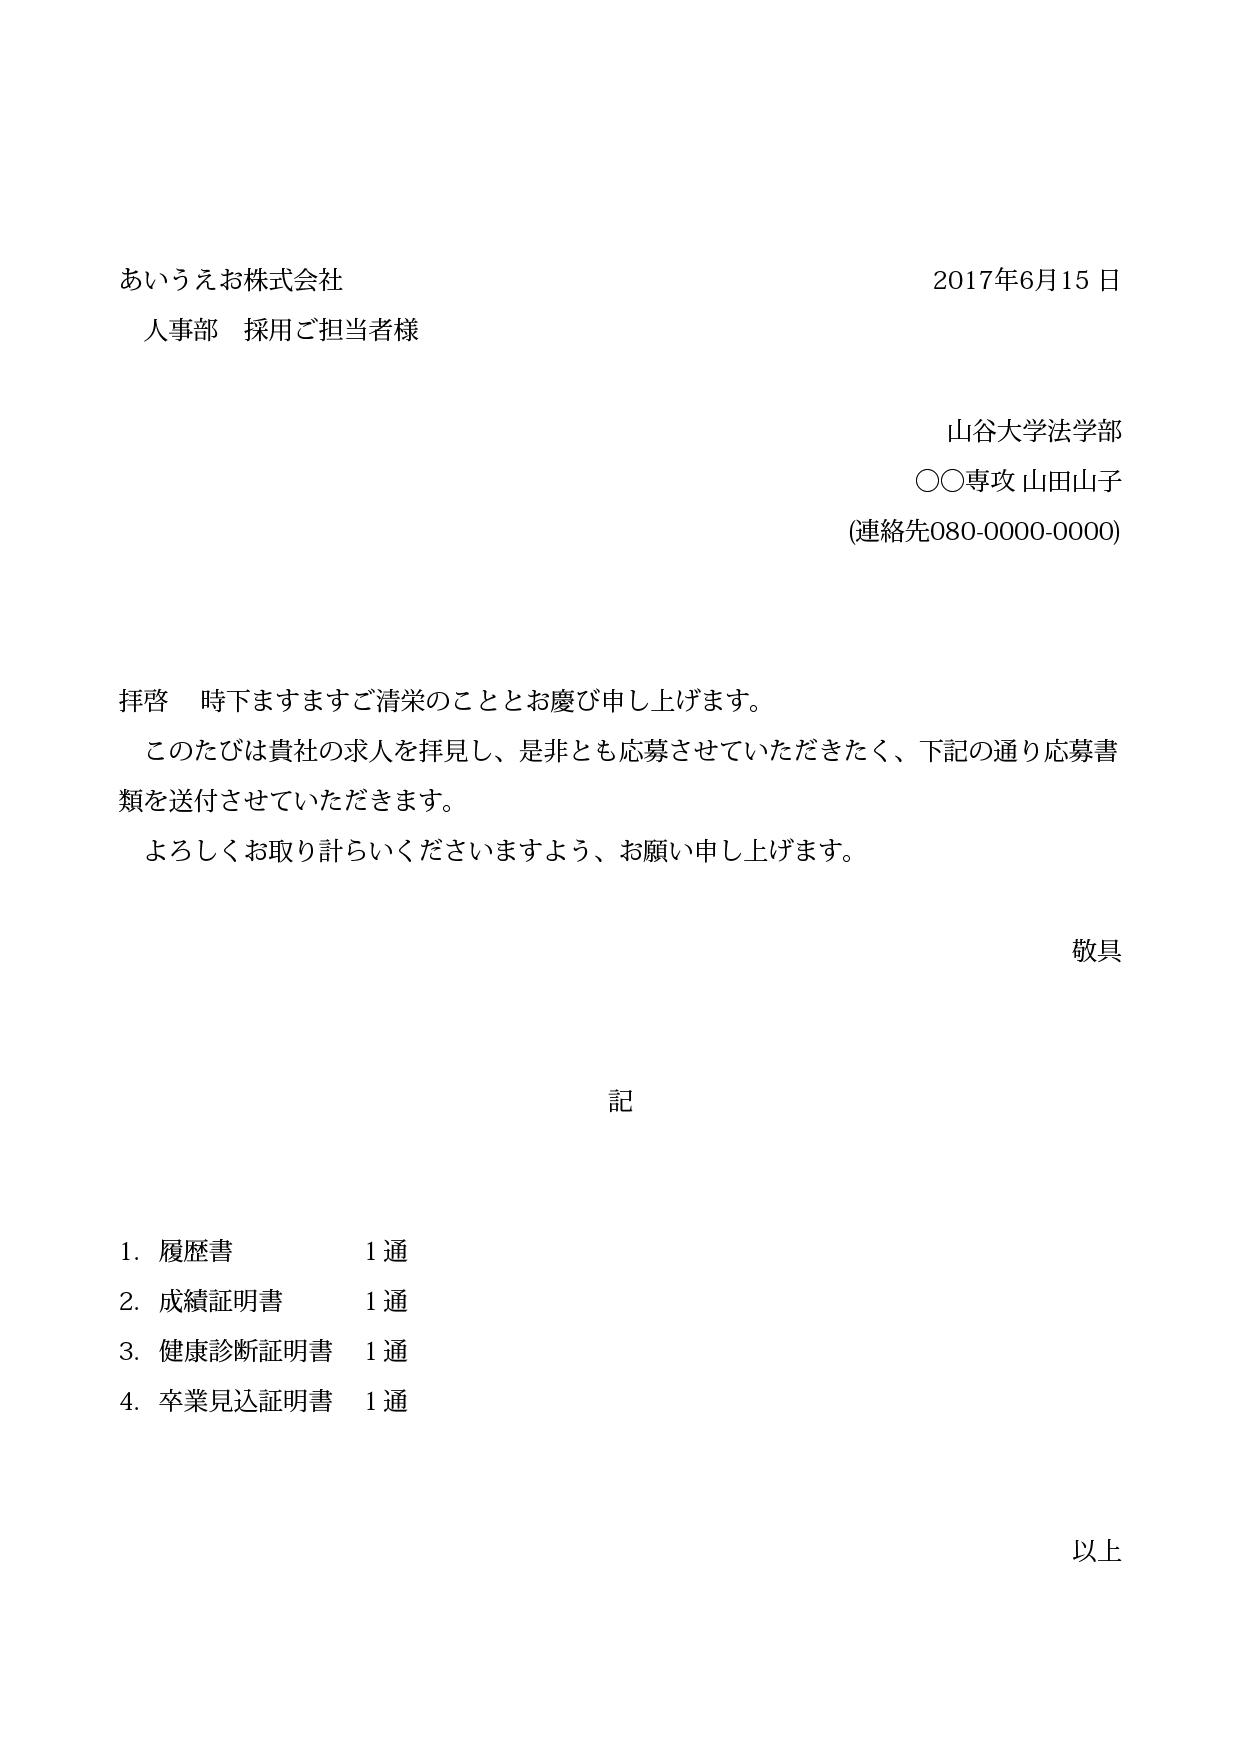 履歴書の送付状(添え状)/就活・学生向け(ワード、ページズ)のテンプレート